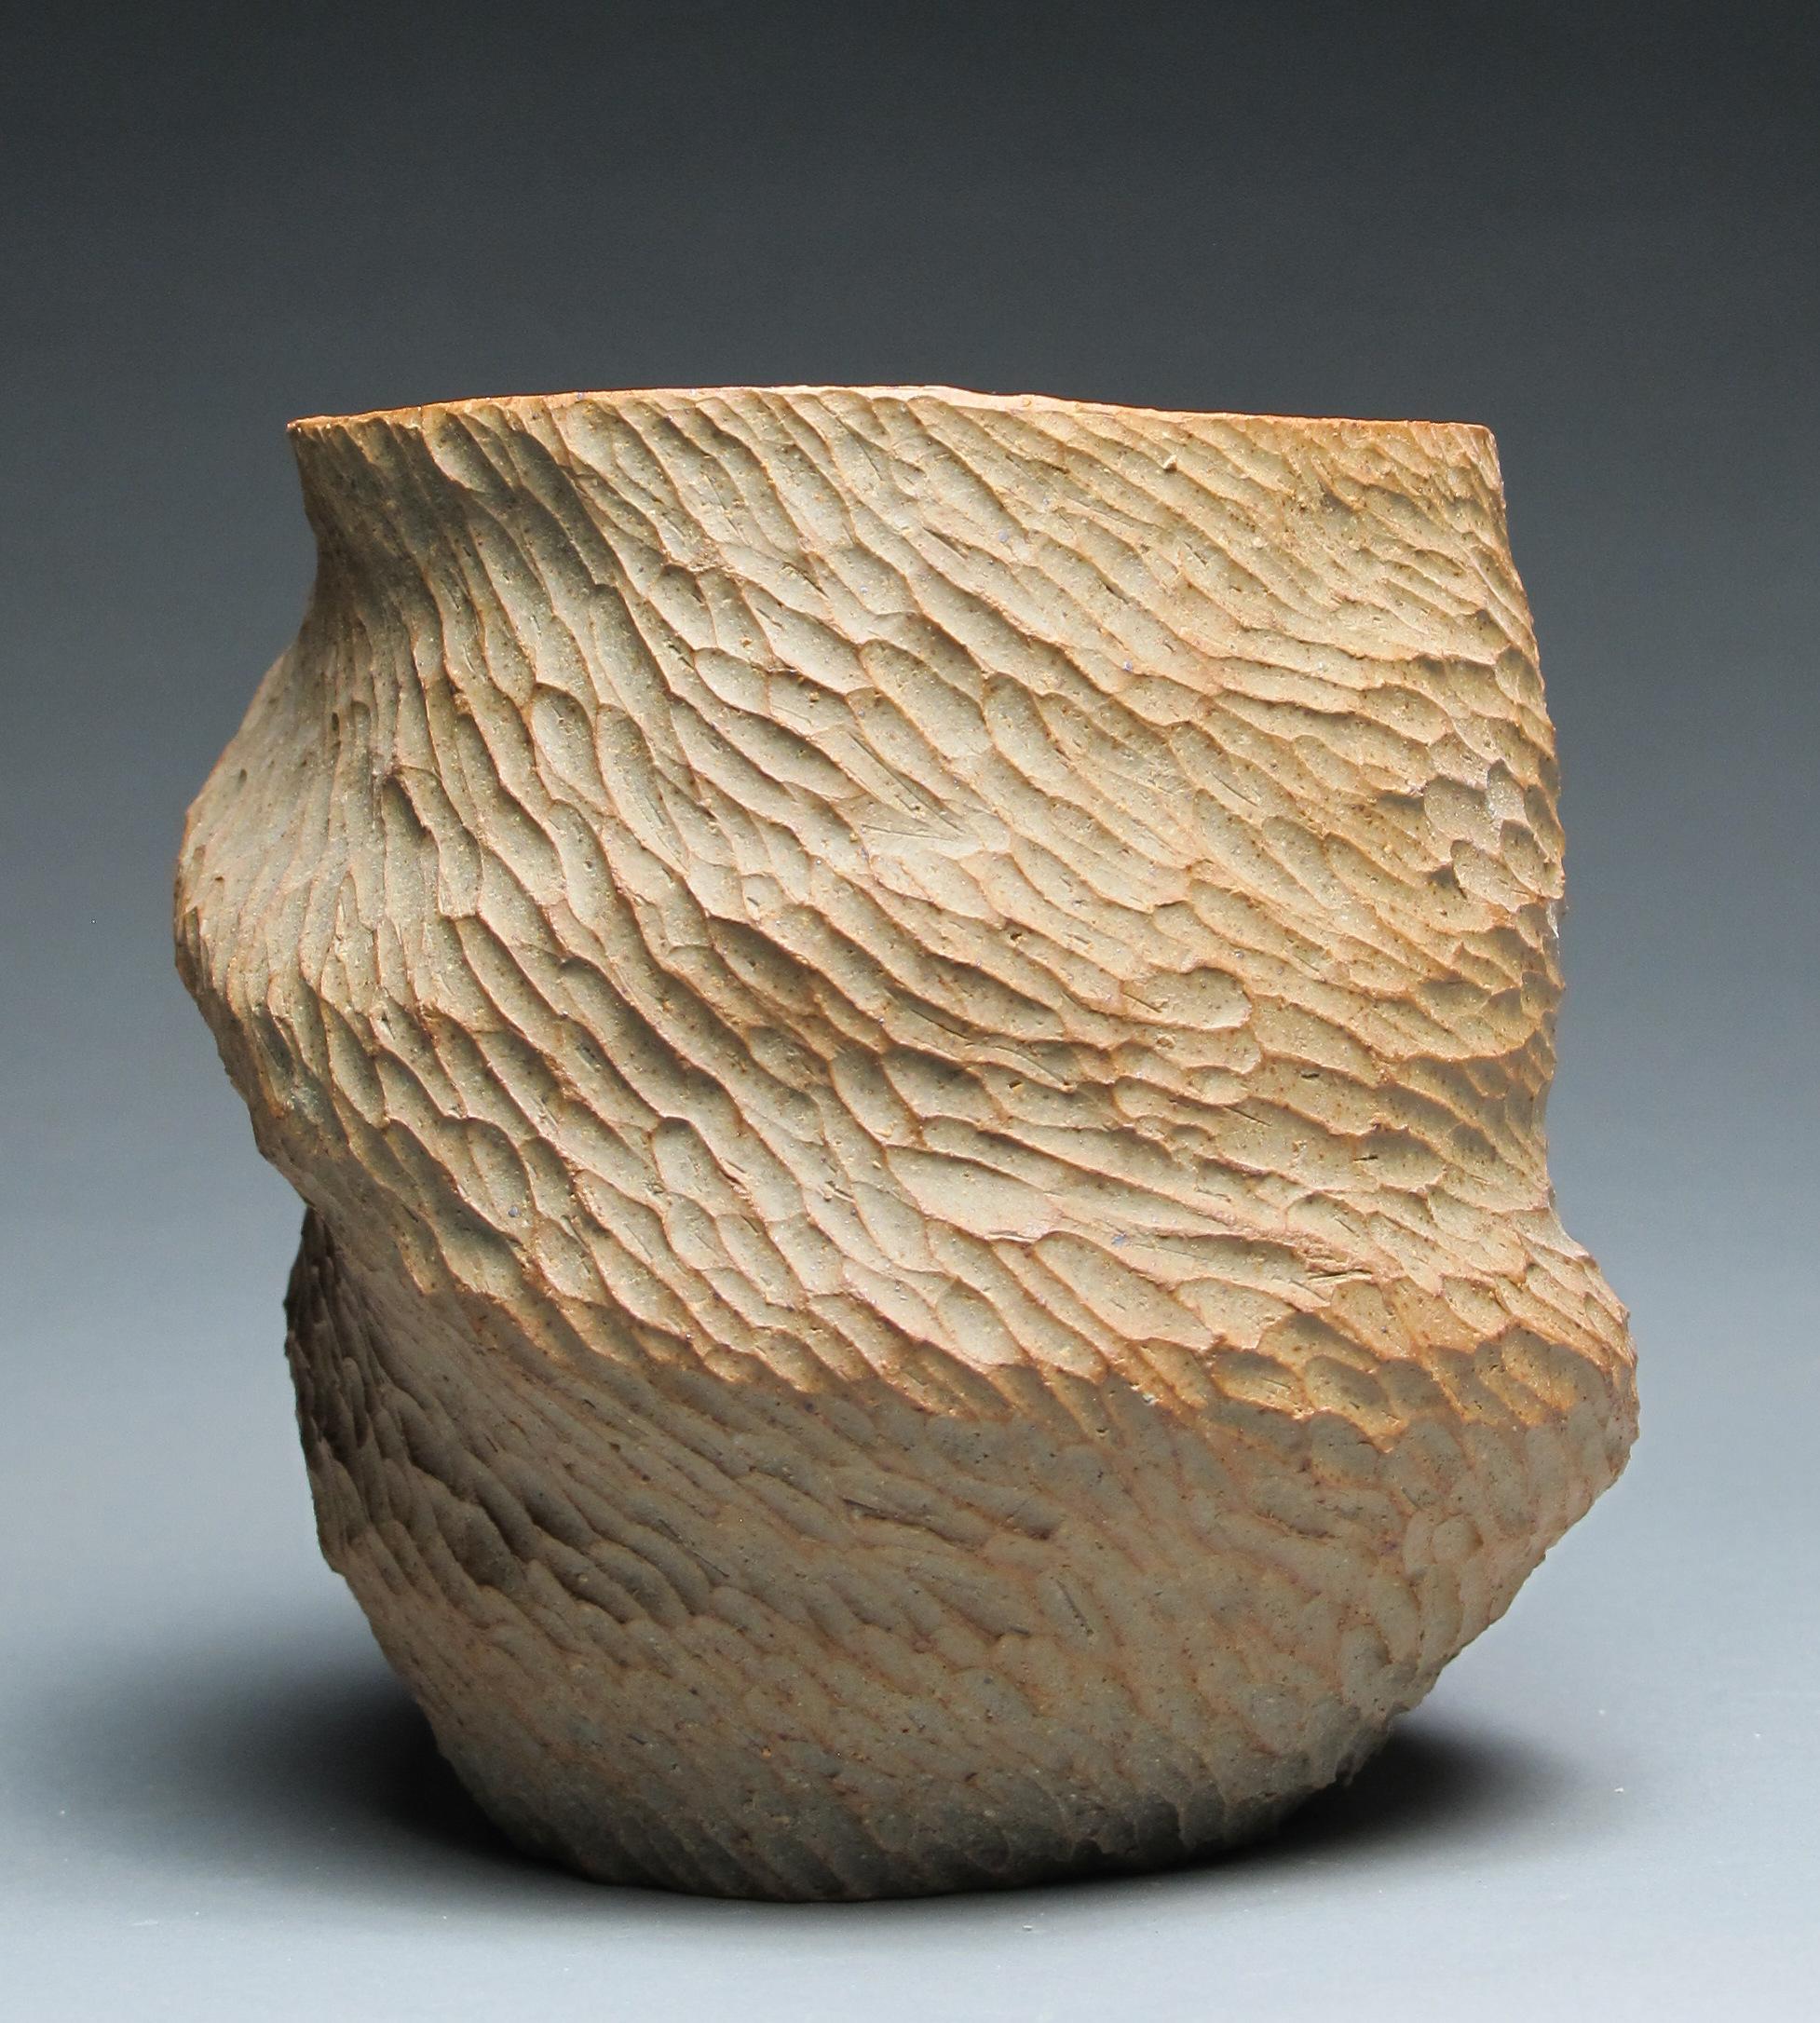 carved vessel, 2013